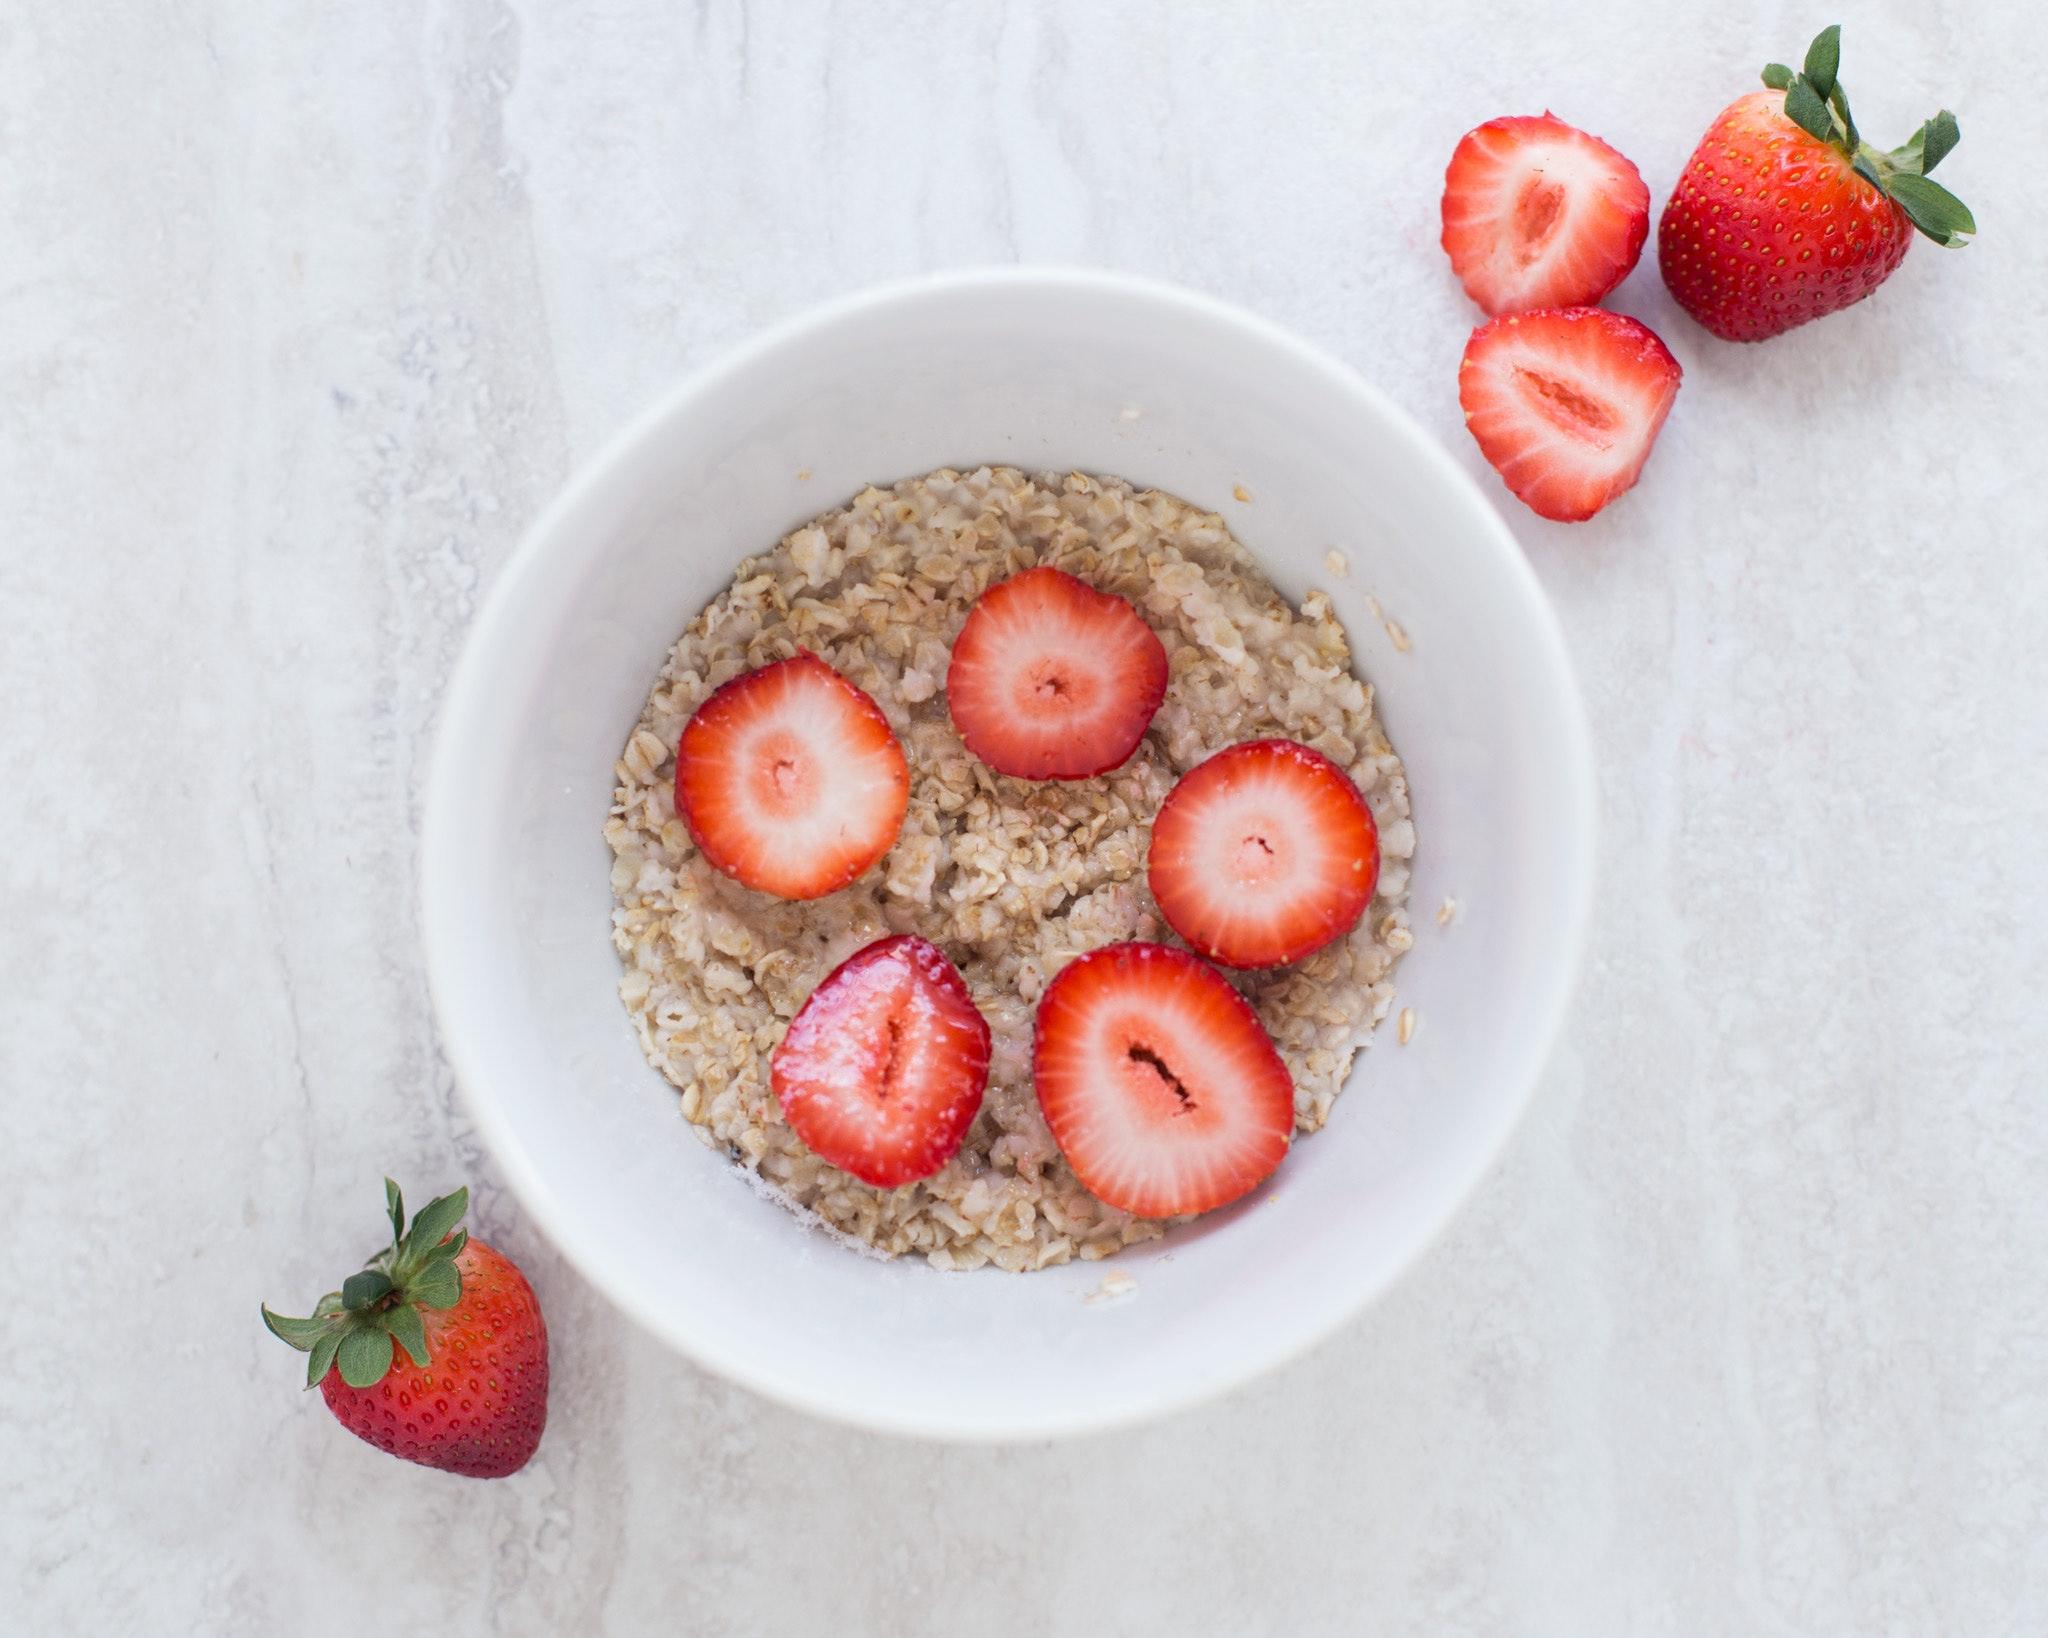 berries-bowl-food-90894.jpg